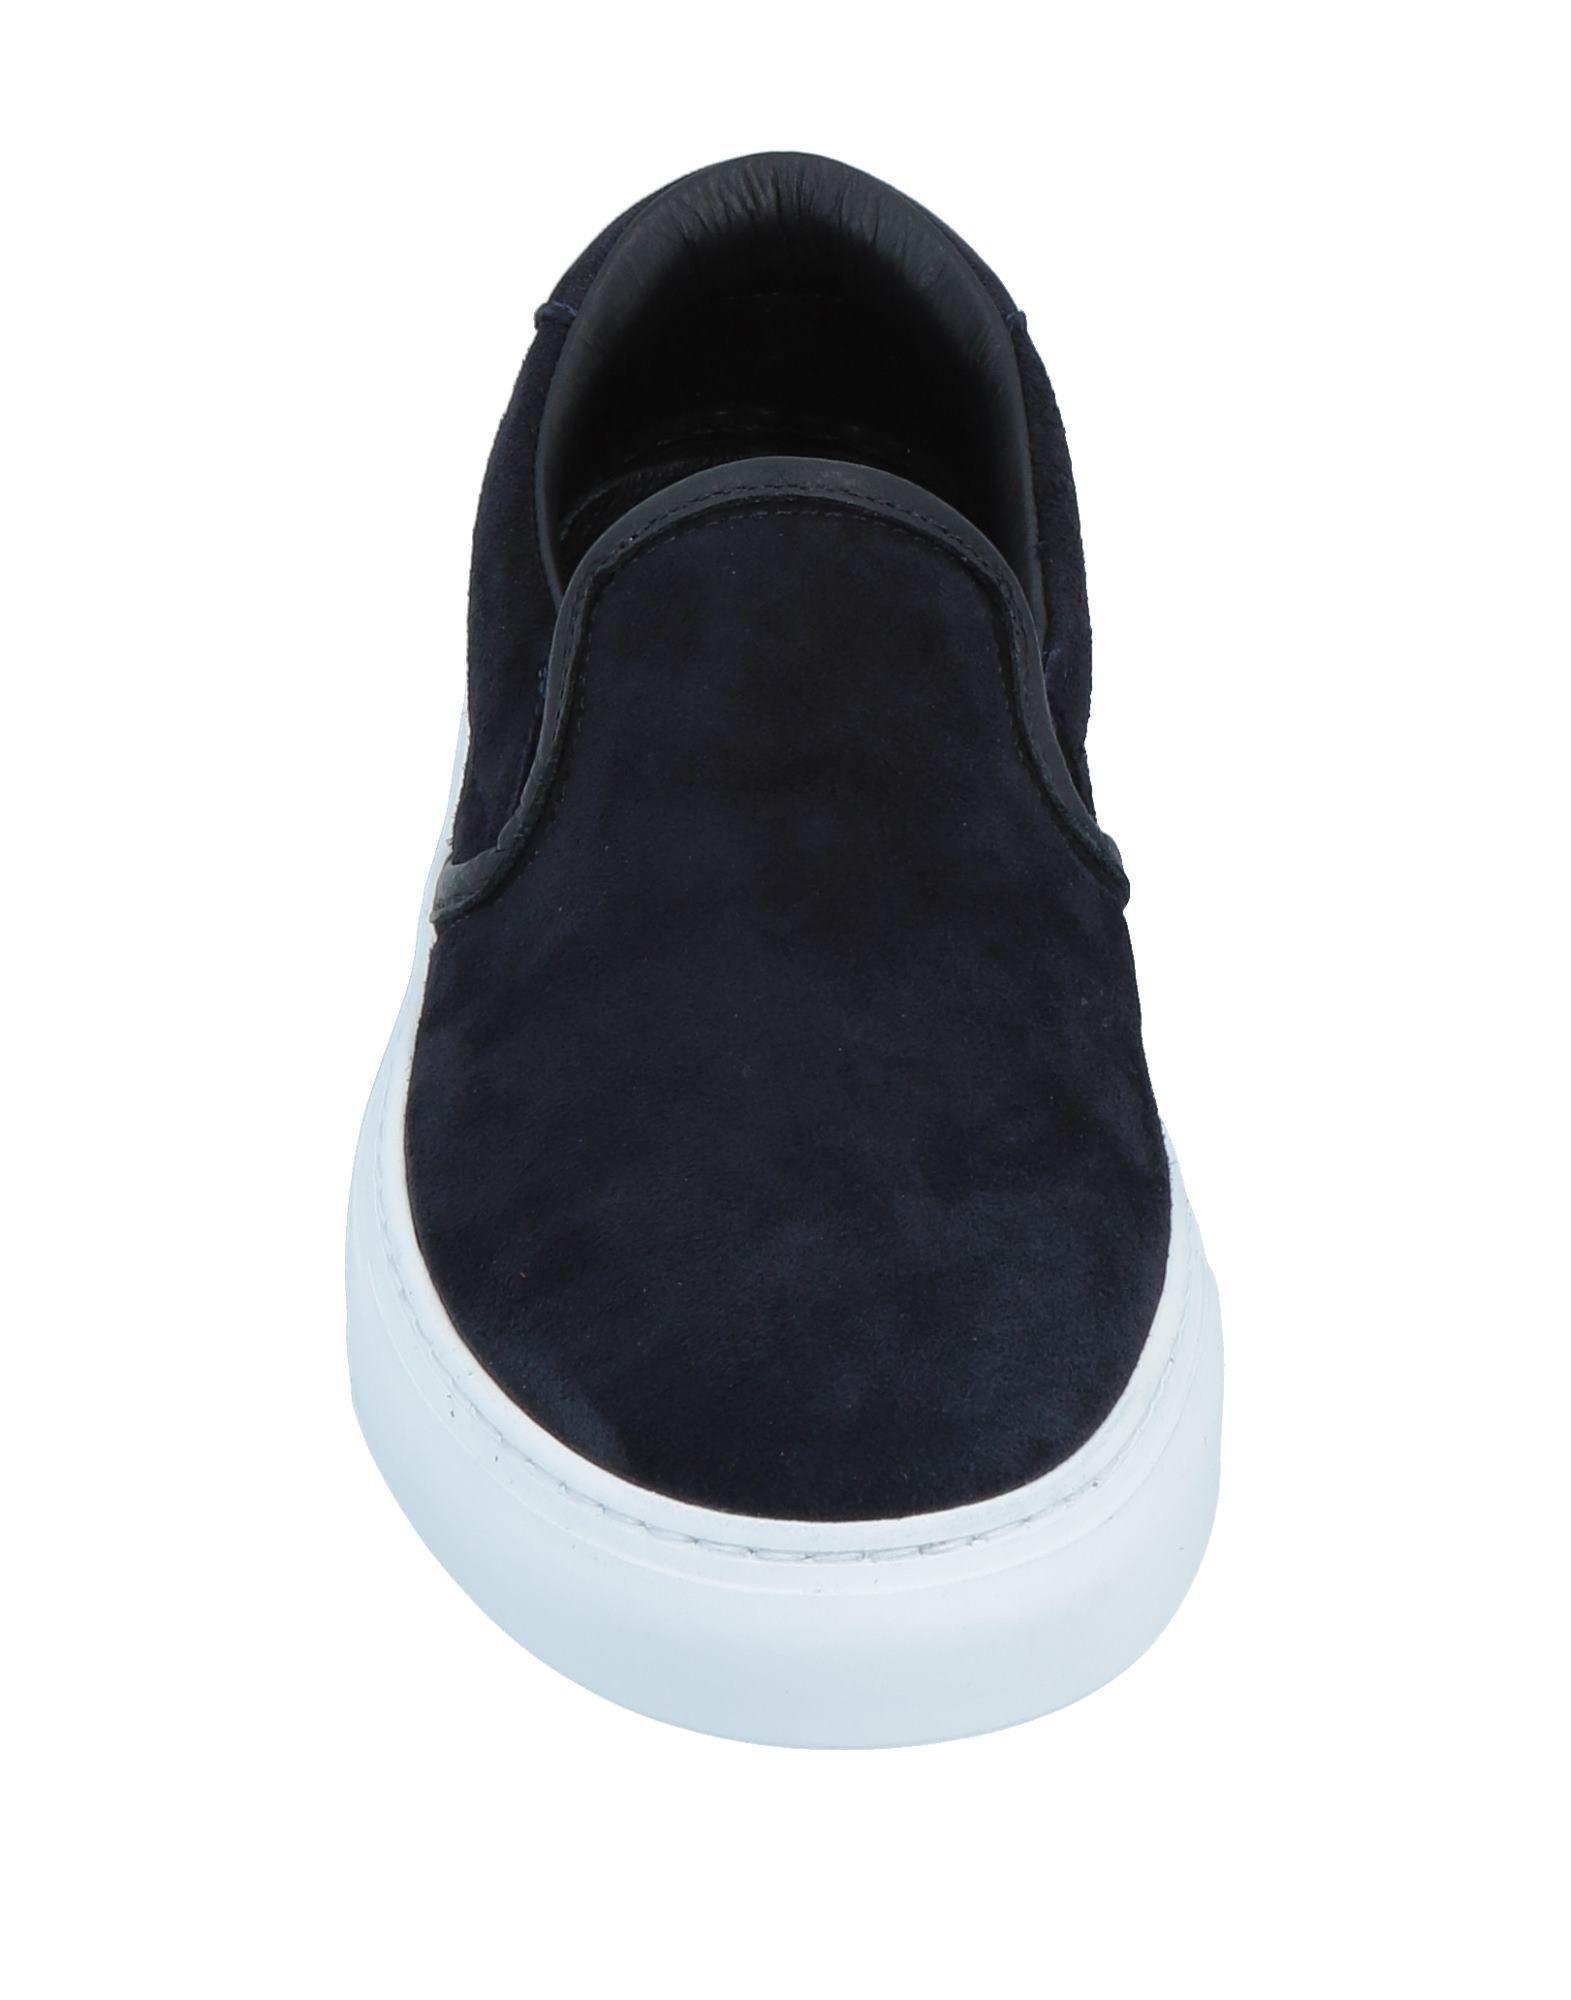 Sneakers & Tennis basses Diemme pour homme en coloris Bleu mIEG